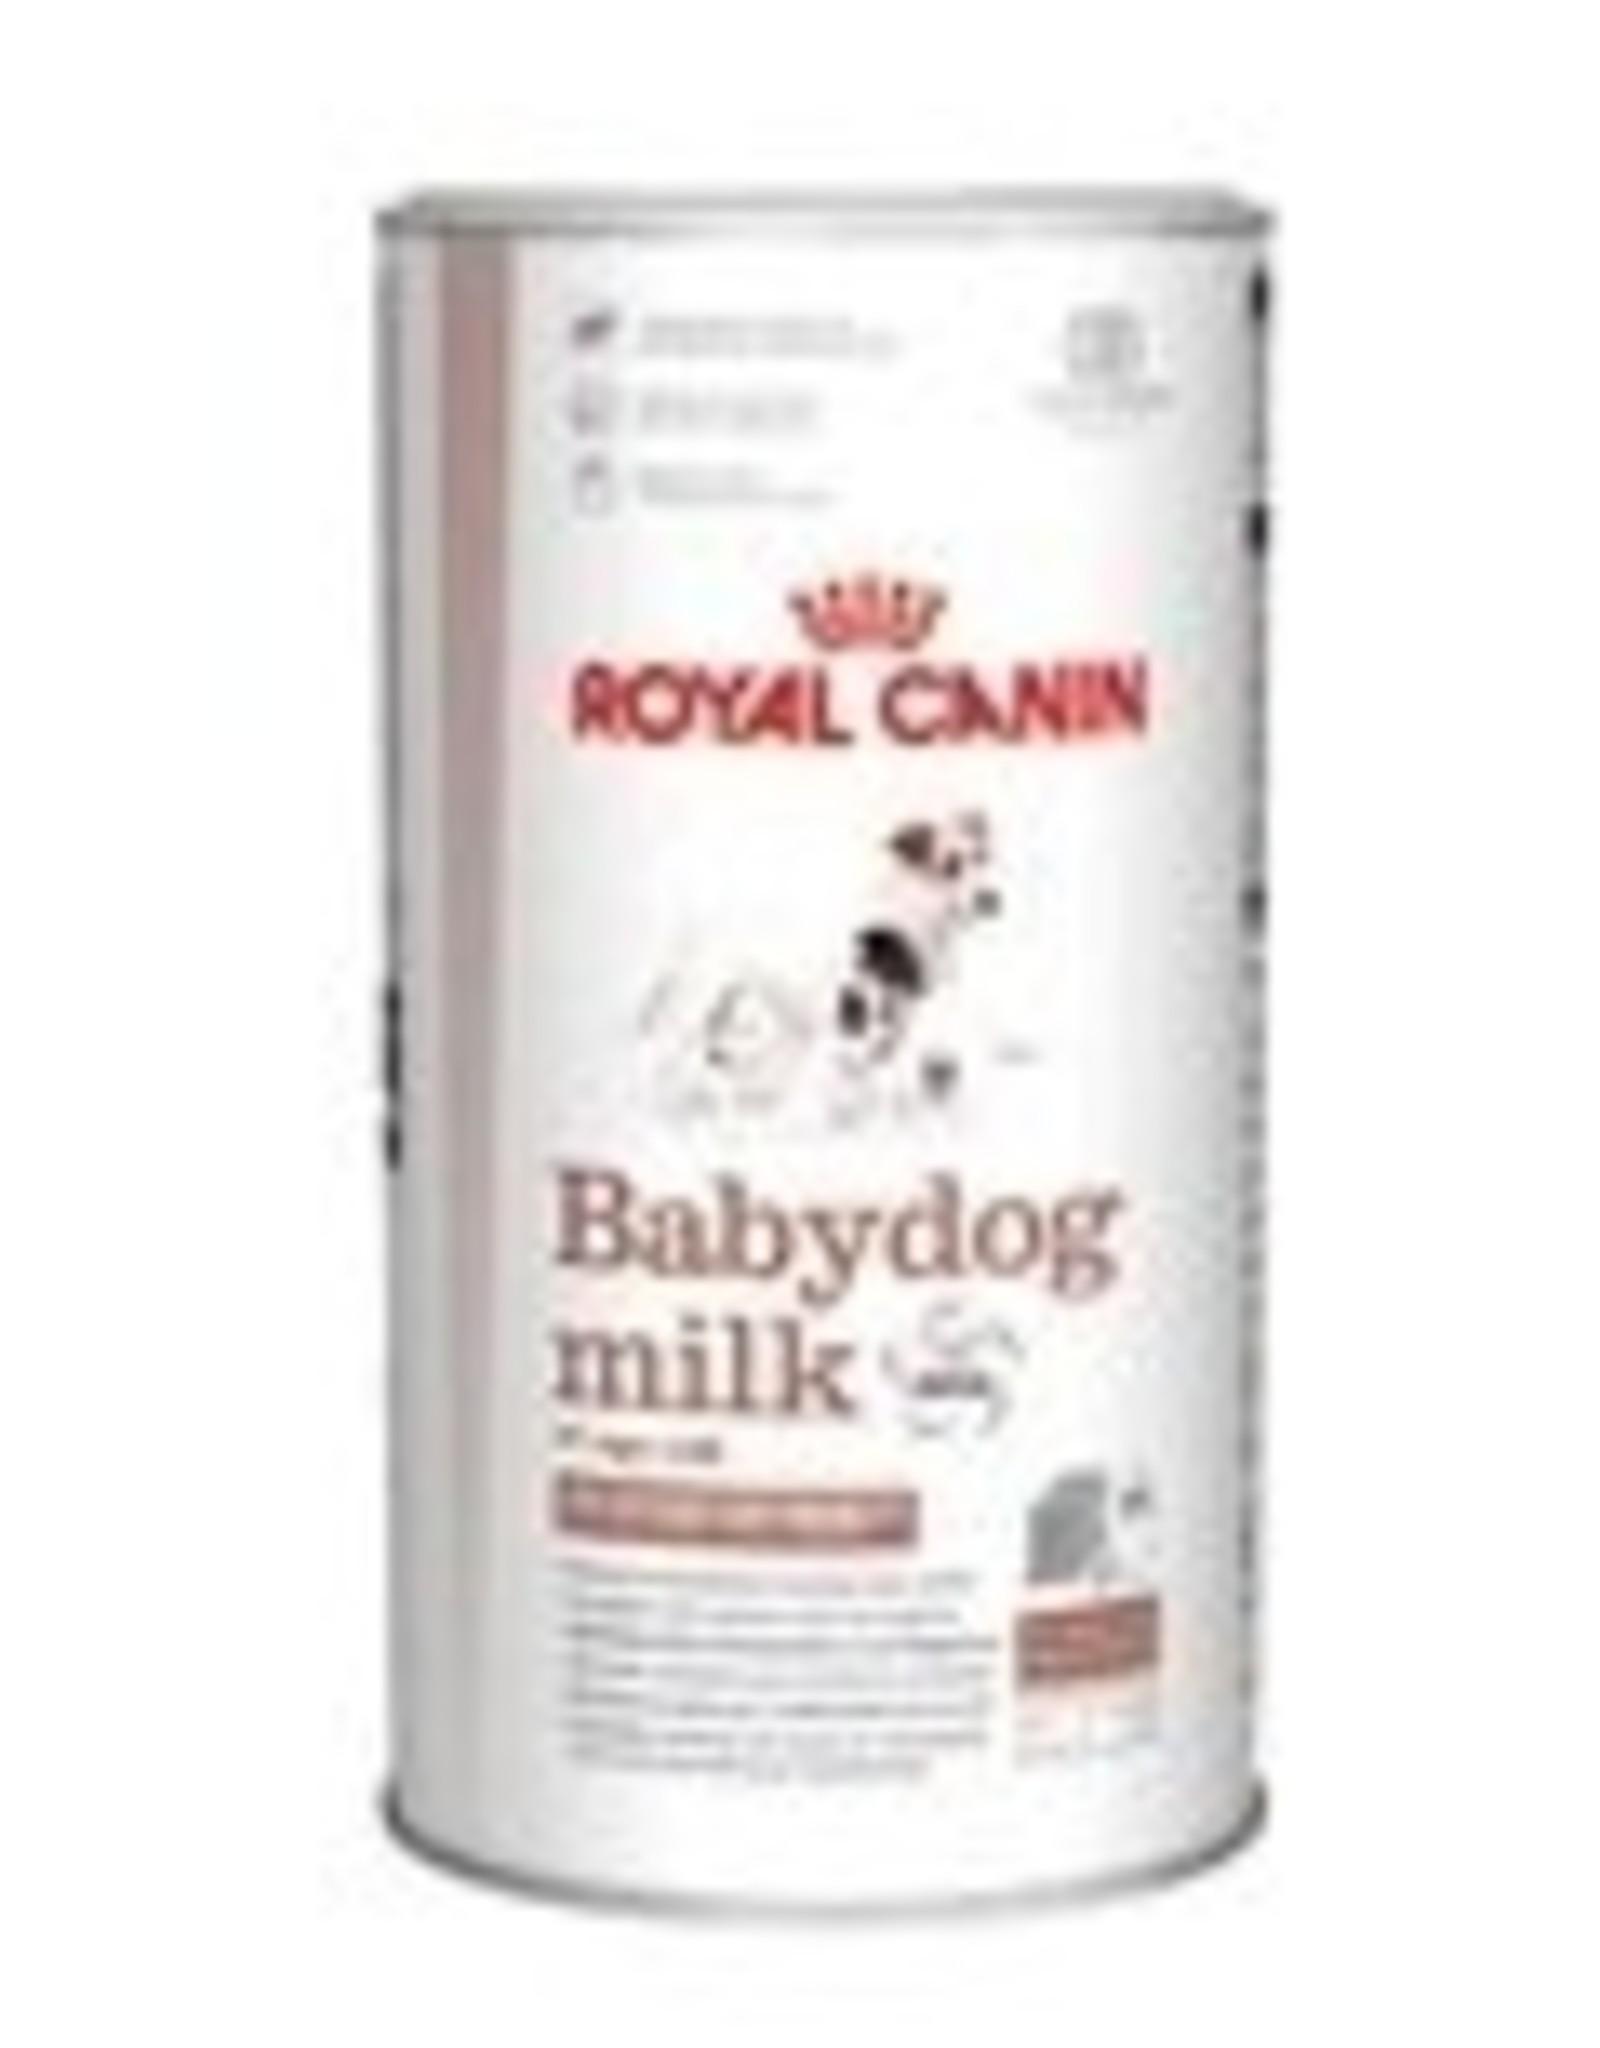 Royal Canin Royal Canin Shn Babydog Milk Canine 400gr